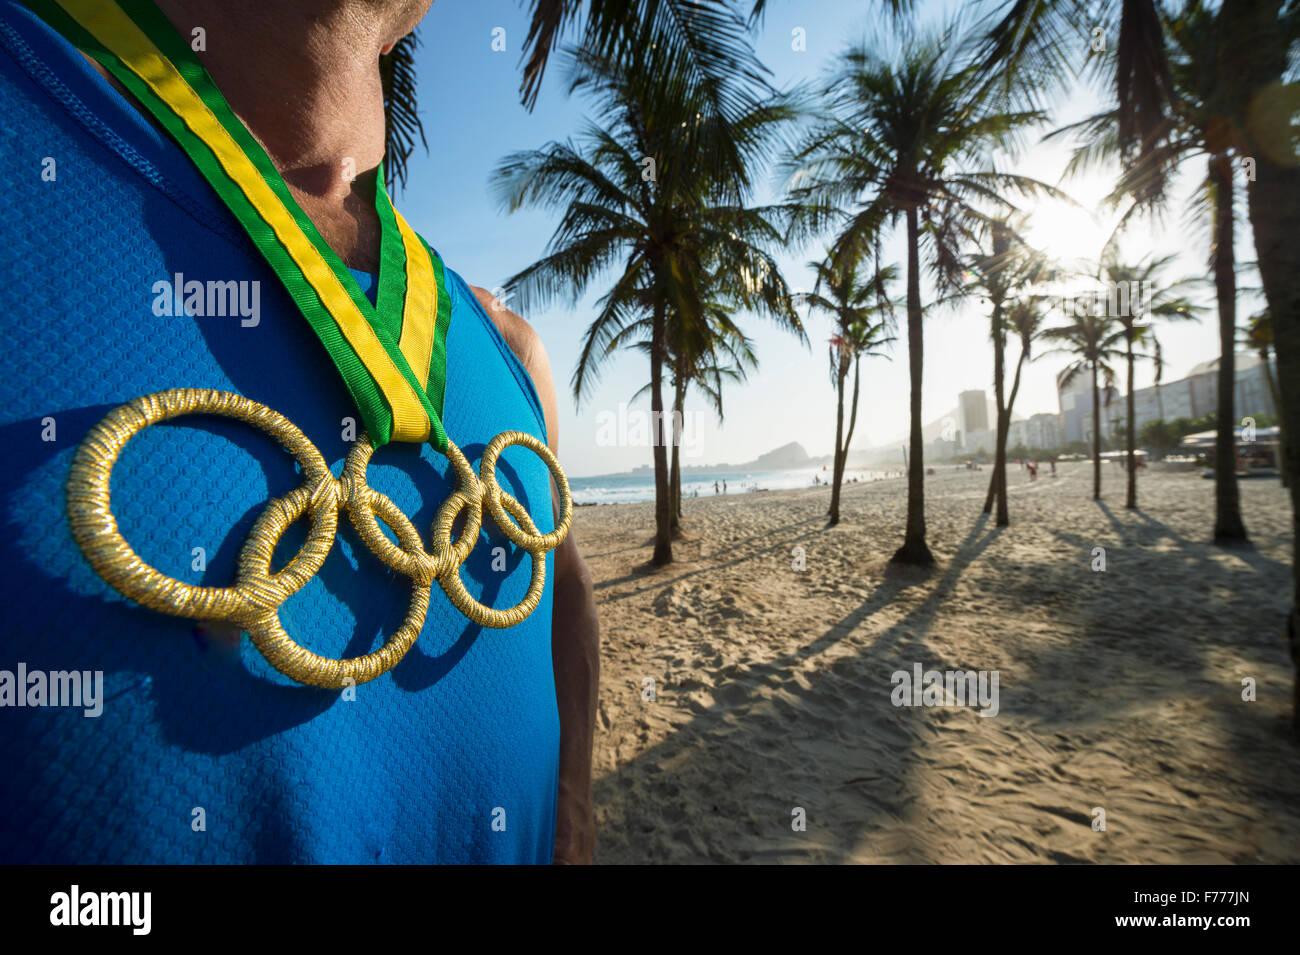 RIO DE JANEIRO, Brésil - 30 octobre 2015: Athlète portant des anneaux olympiques médaille d'élève Photo Stock